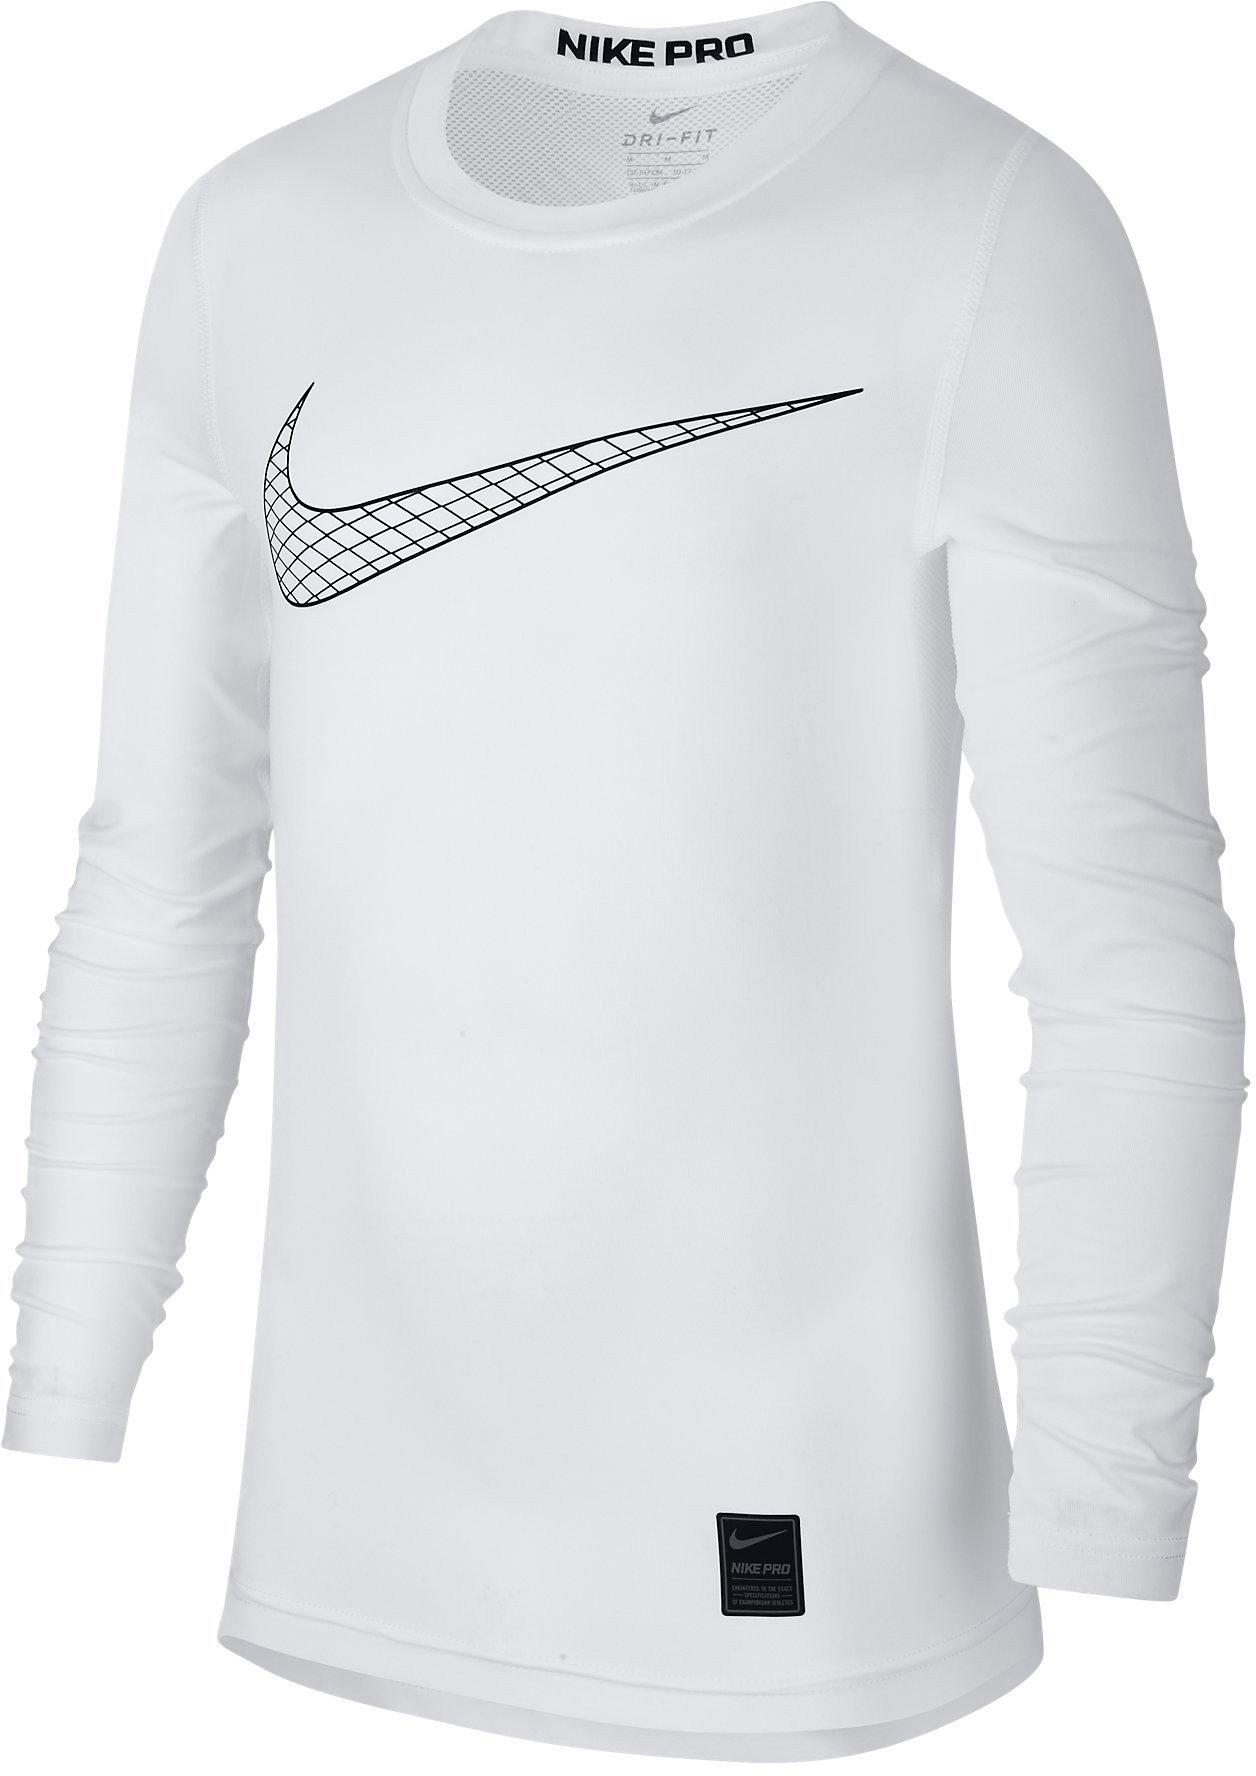 volatilidad Tratado Peregrino  Camiseta de manga larga Nike B NP TOP LS COMP HO18 2 - Top4Fitness.es